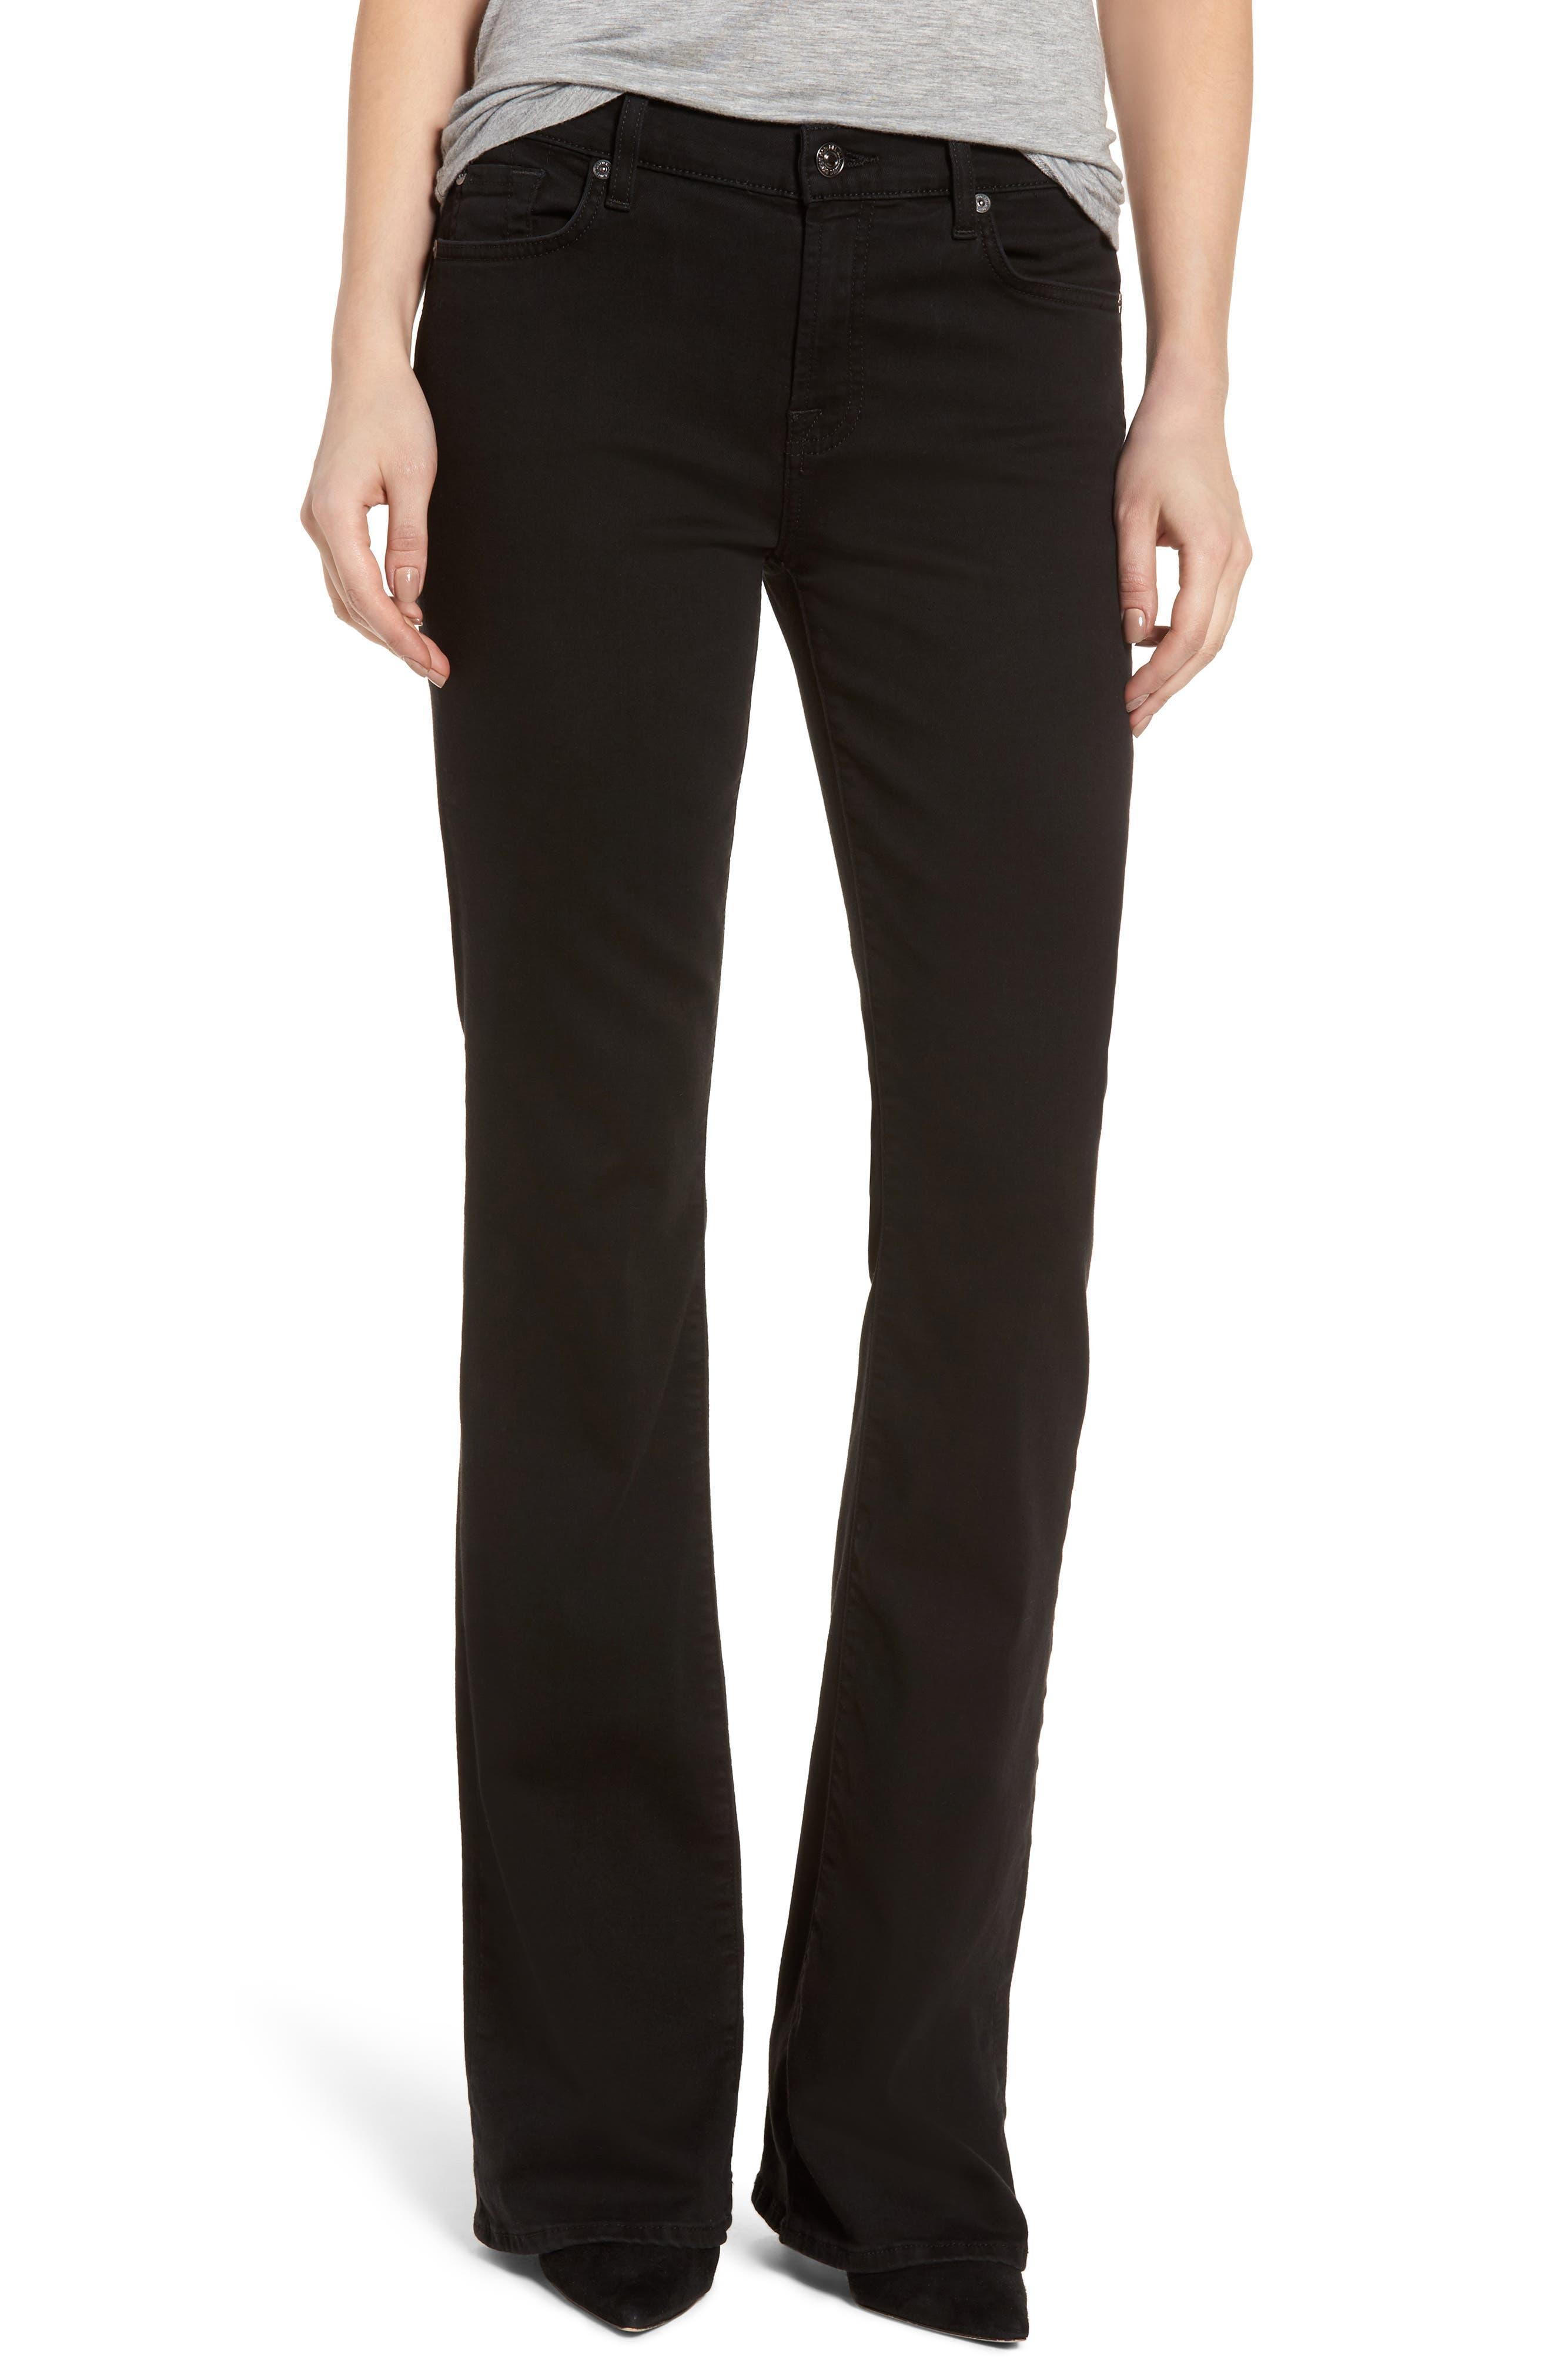 Main Image - 7 For All Mankind® b(air) Bootcut Jeans (b(air) Black)